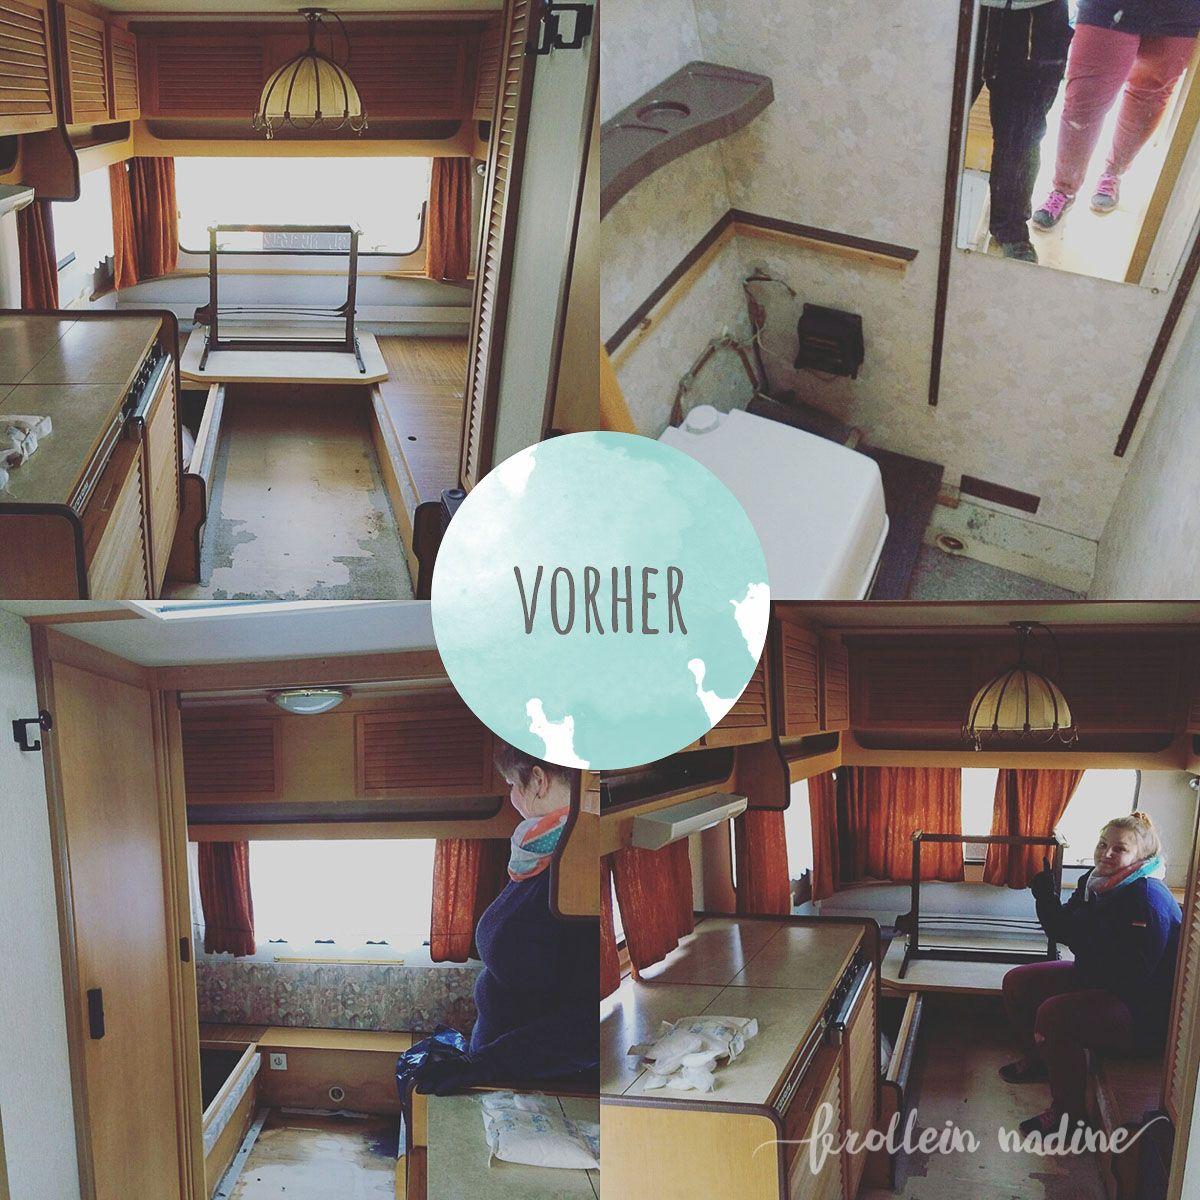 caravanmakeover vorher bild wohnwagenliebe pinterest wohnwagen wohnmobil und bilder. Black Bedroom Furniture Sets. Home Design Ideas